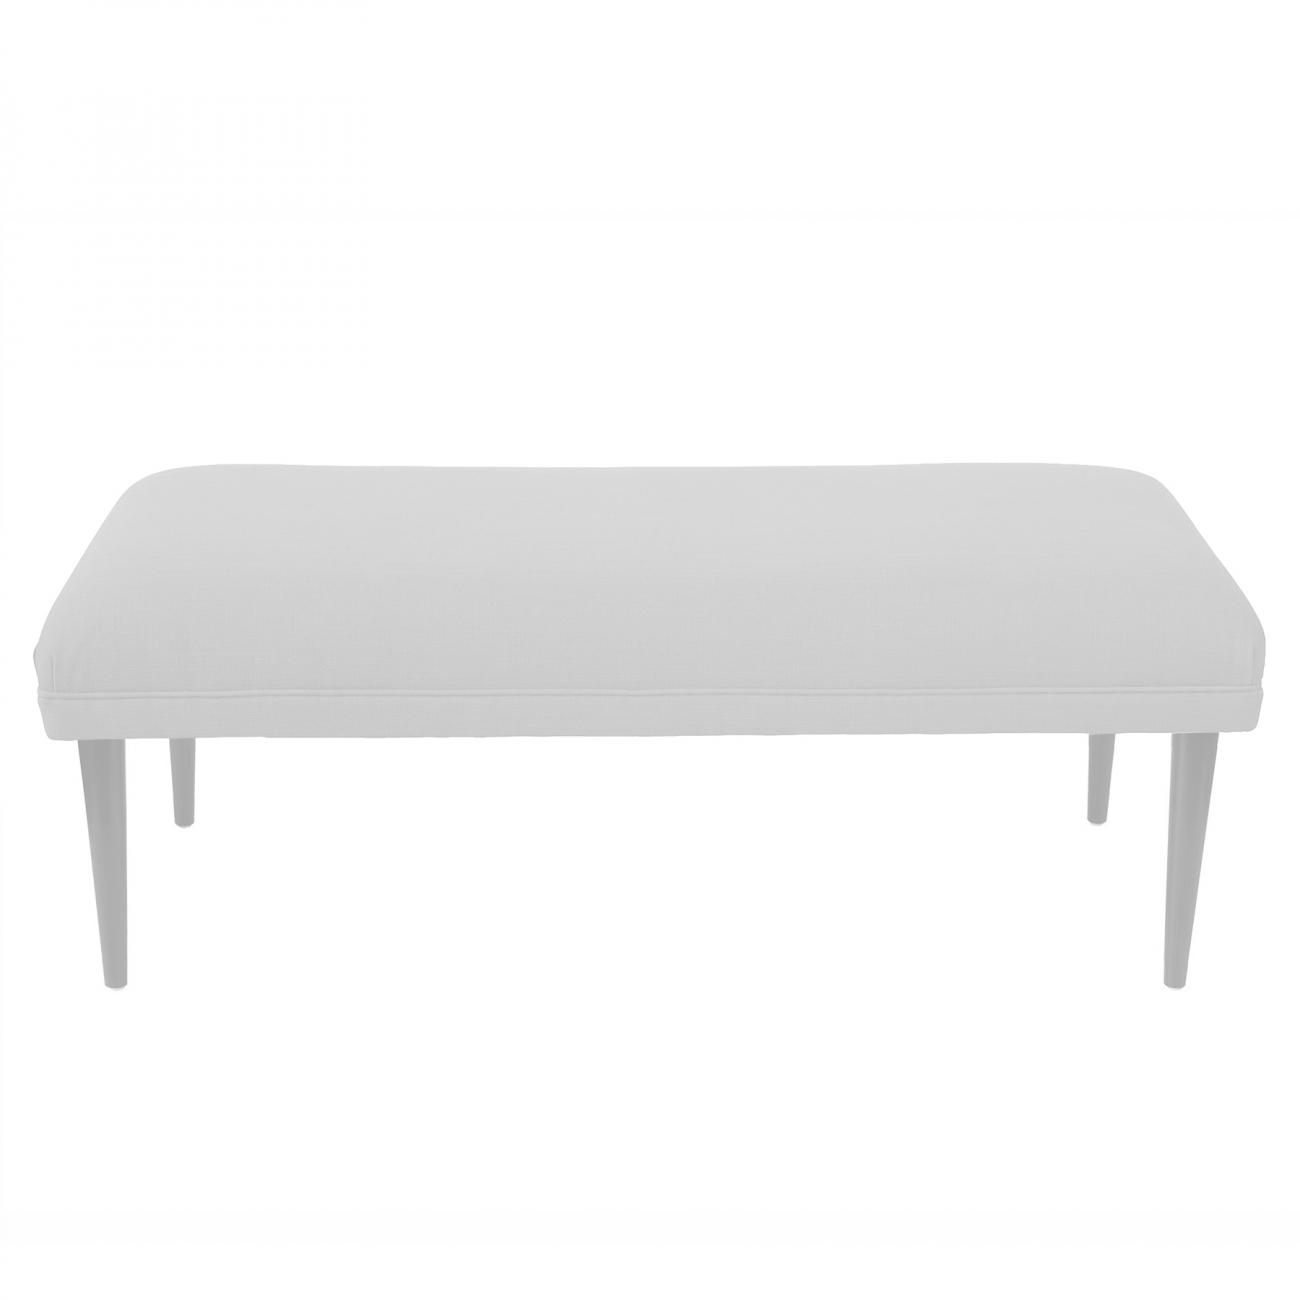 Купить Банкетка Epoch white Молочный Велюр в интернет магазине дизайнерской мебели и аксессуаров для дома и дачи